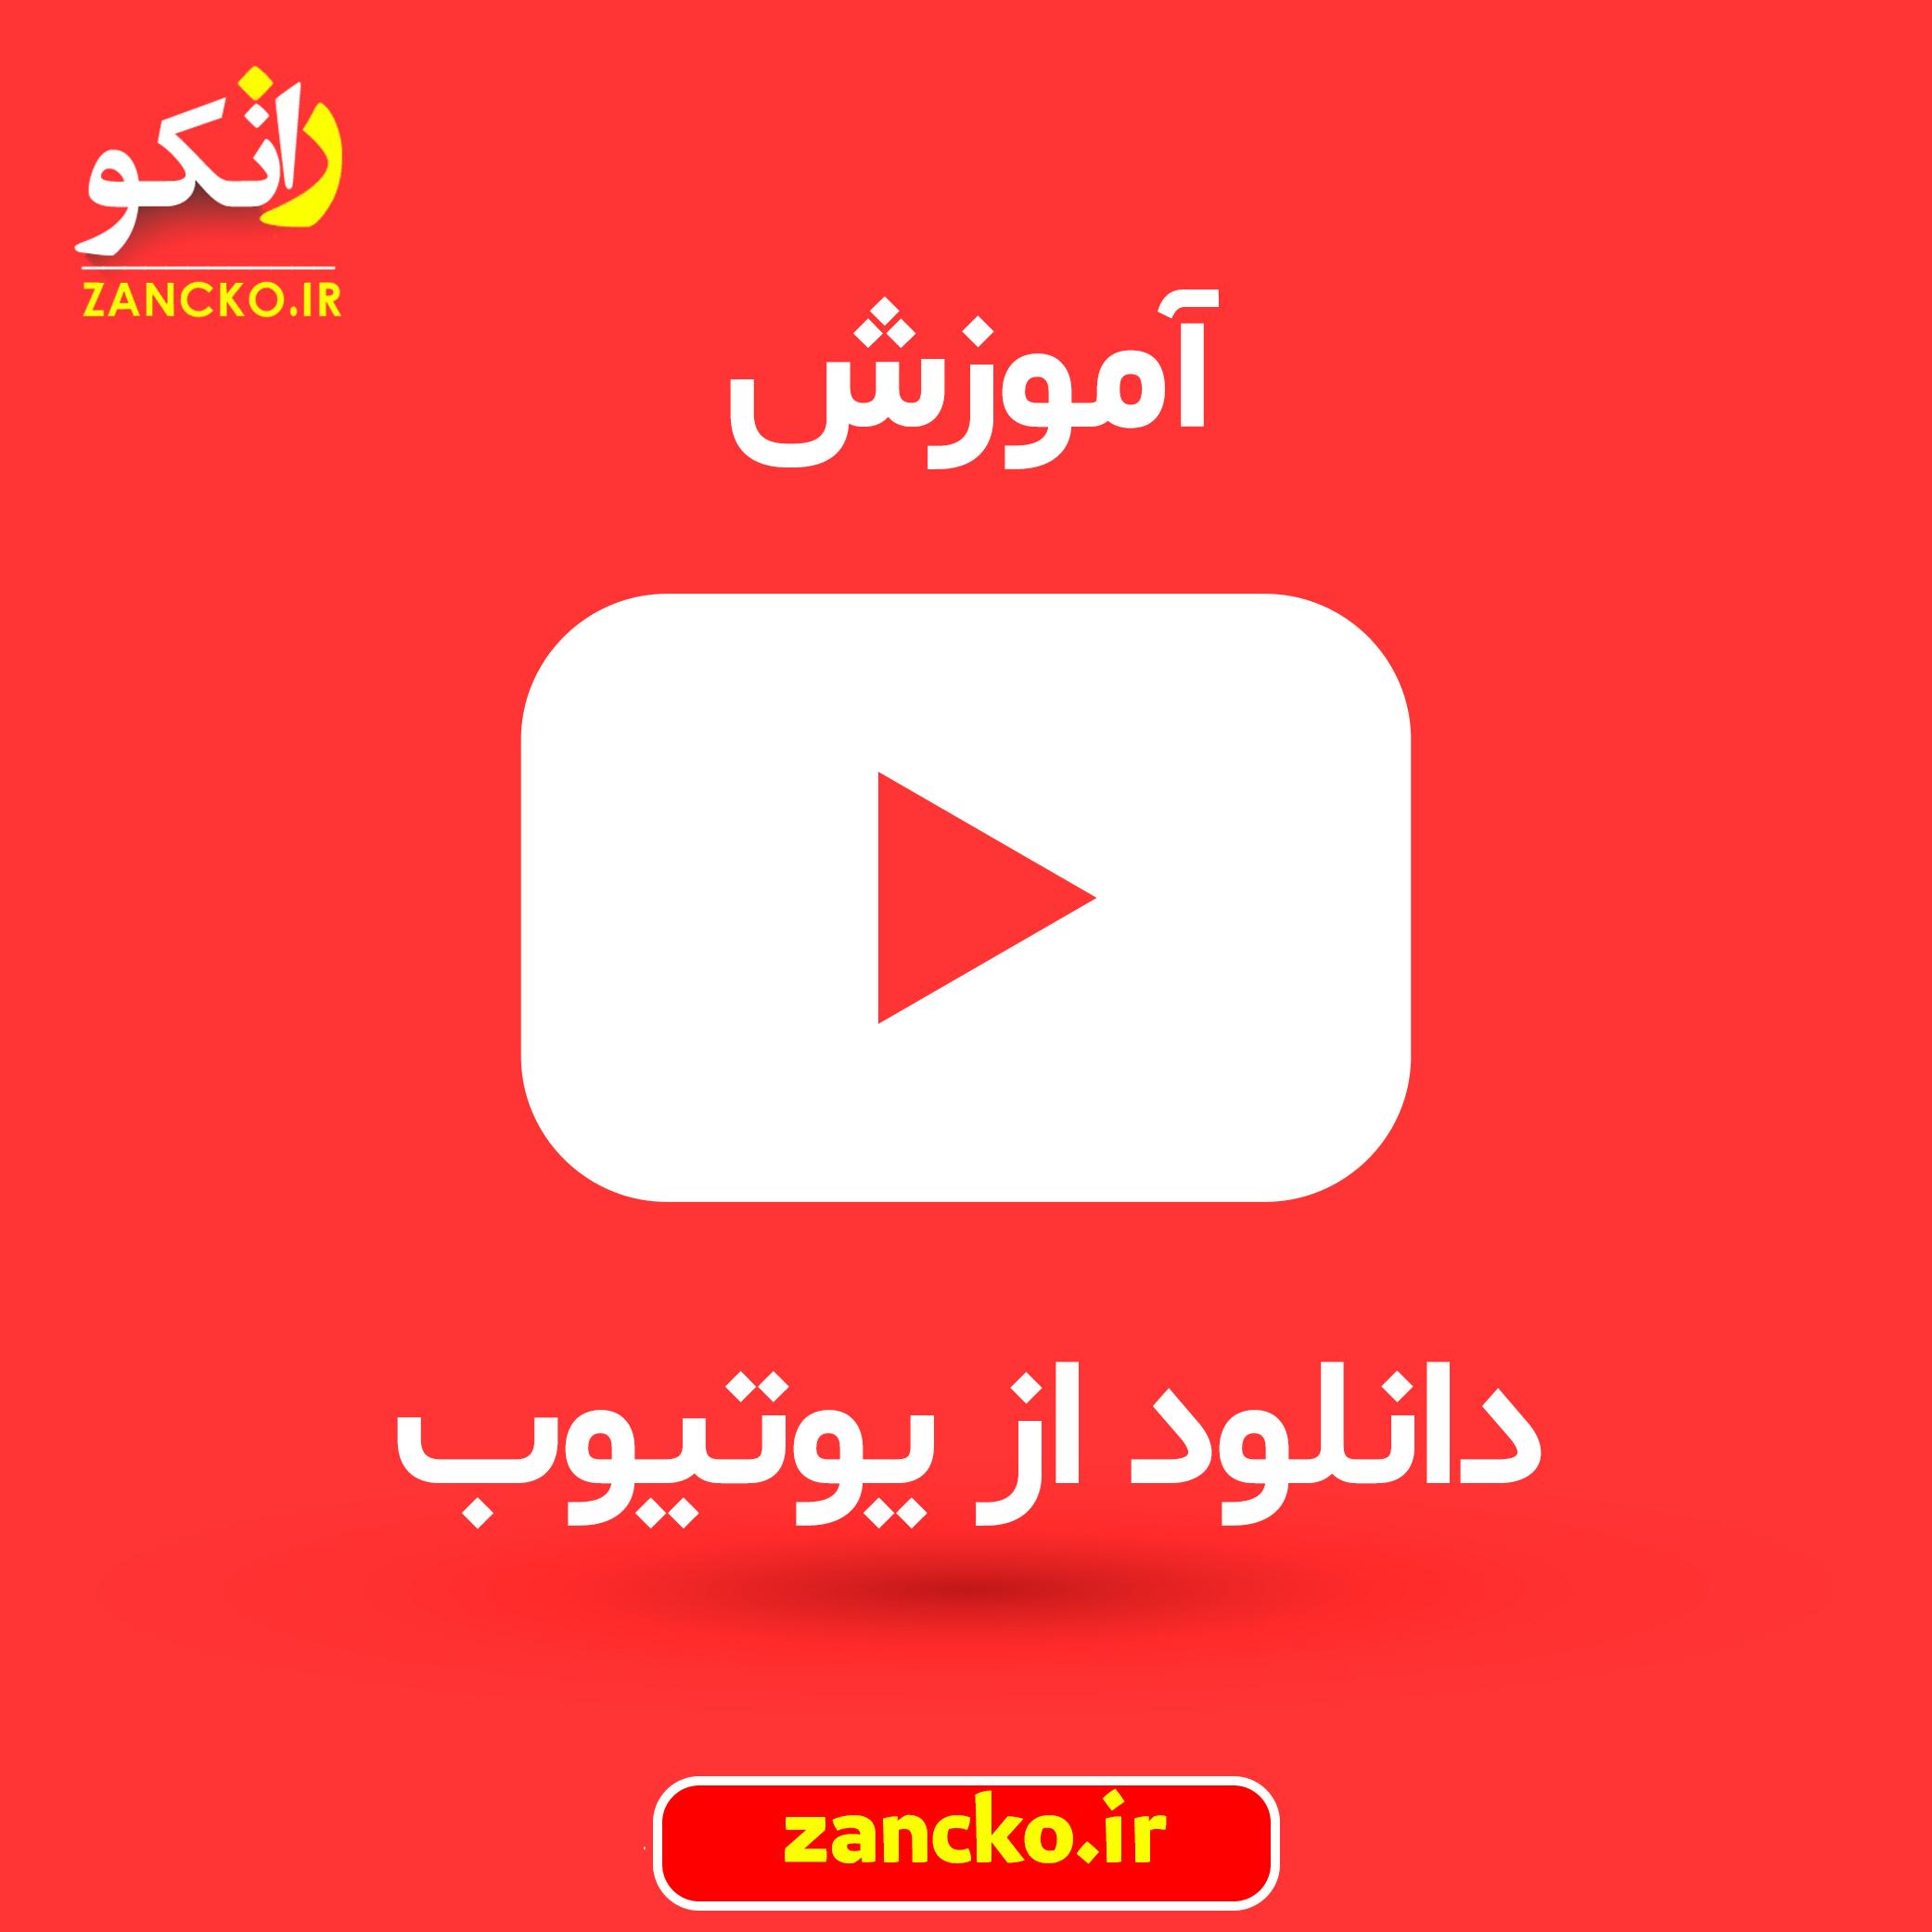 آموزش دانلود از یوتیوب در اندروید و ویندوز و آیفون